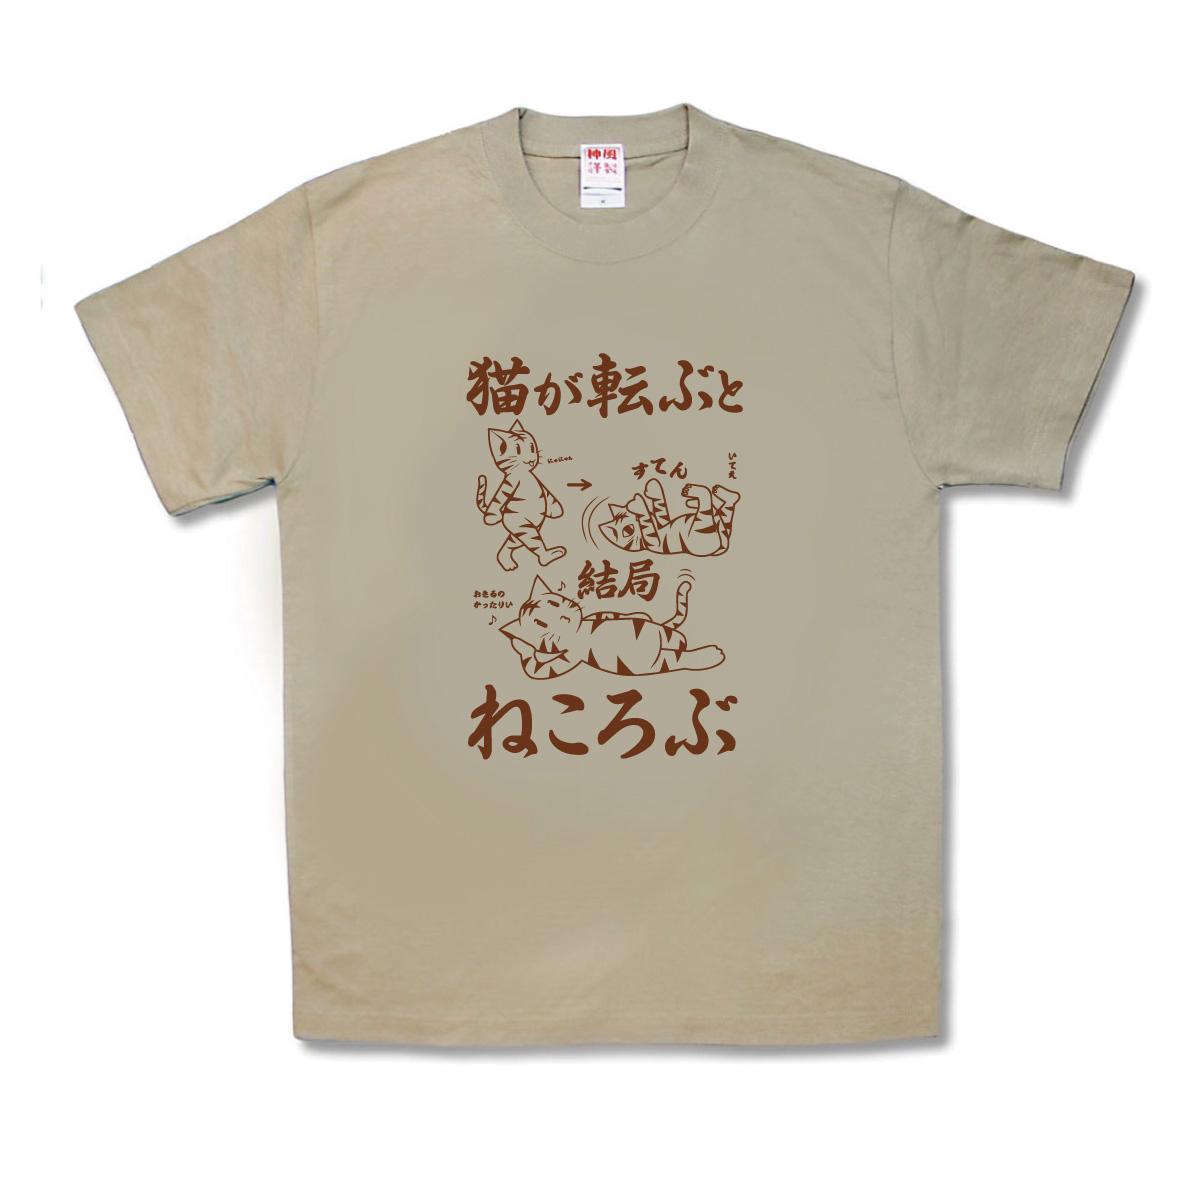 国内正規総代理店アイテム おもしろTシャツ 猫転ぶ 数量限定 ねころぶ